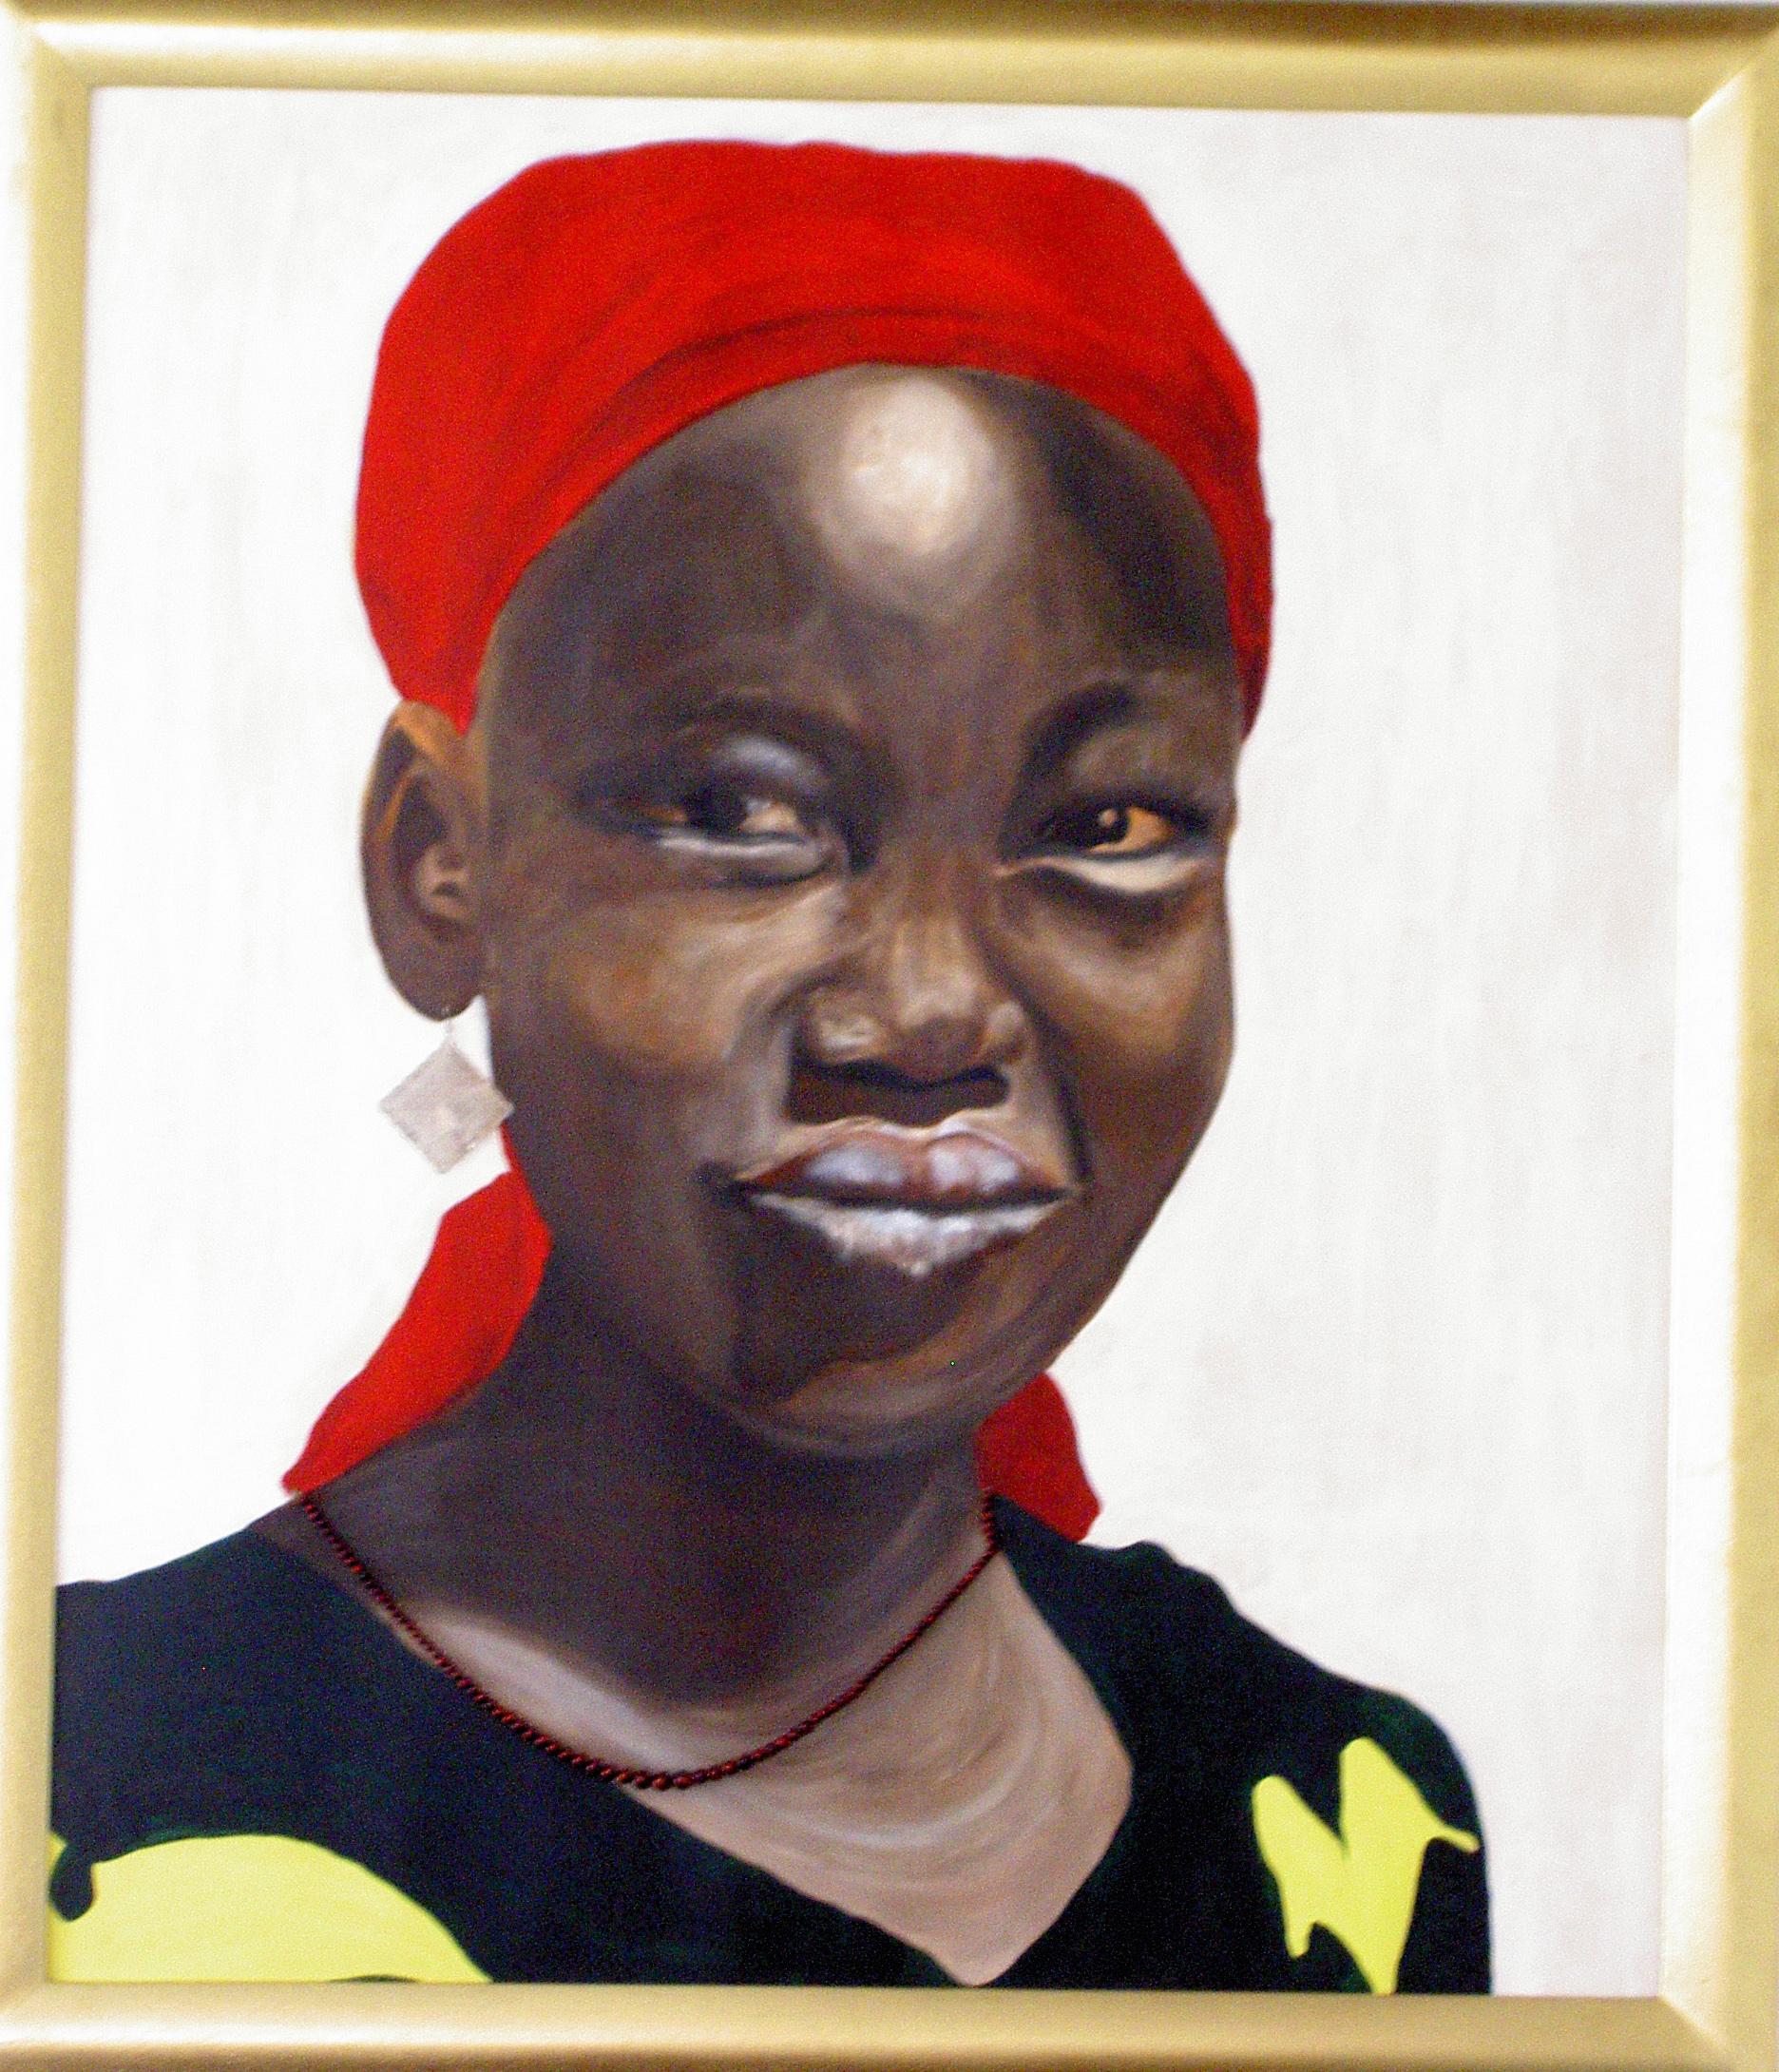 Serie di ritratti africani.